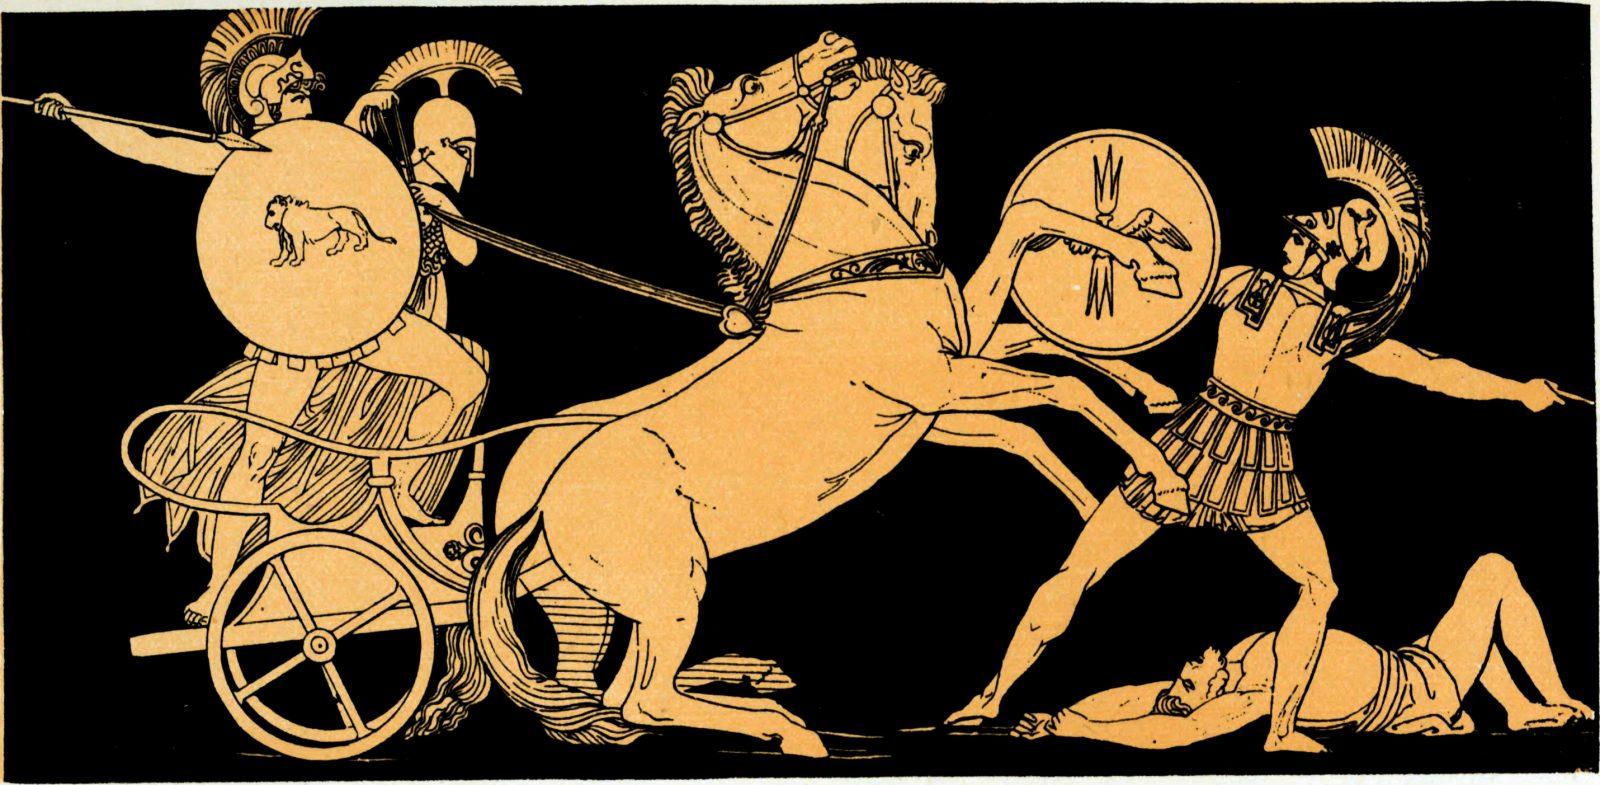 Diomedes Iliad